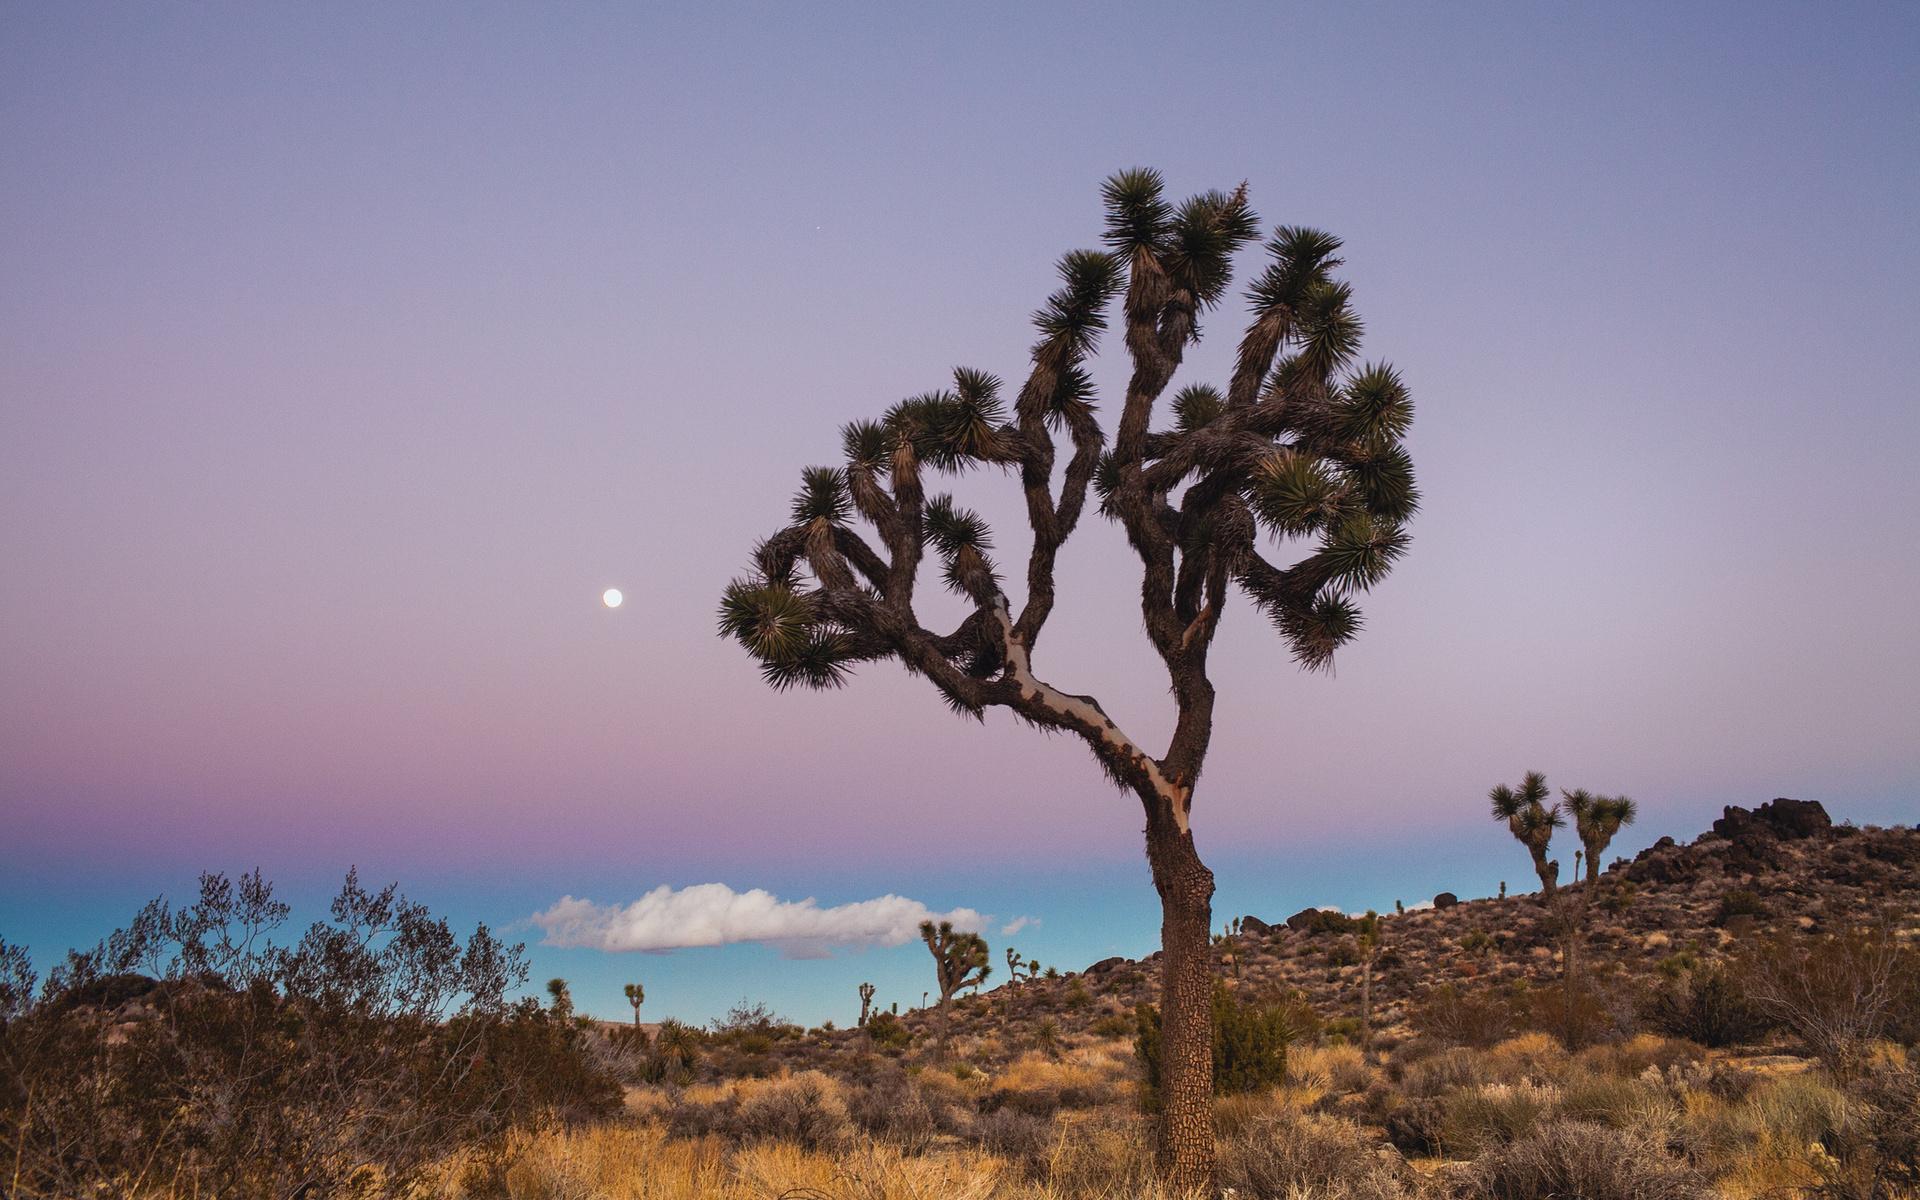 desert plains fields trees plants bush grass sky clouds moon wallpaper HD Wide Wallpaper for Widescreen